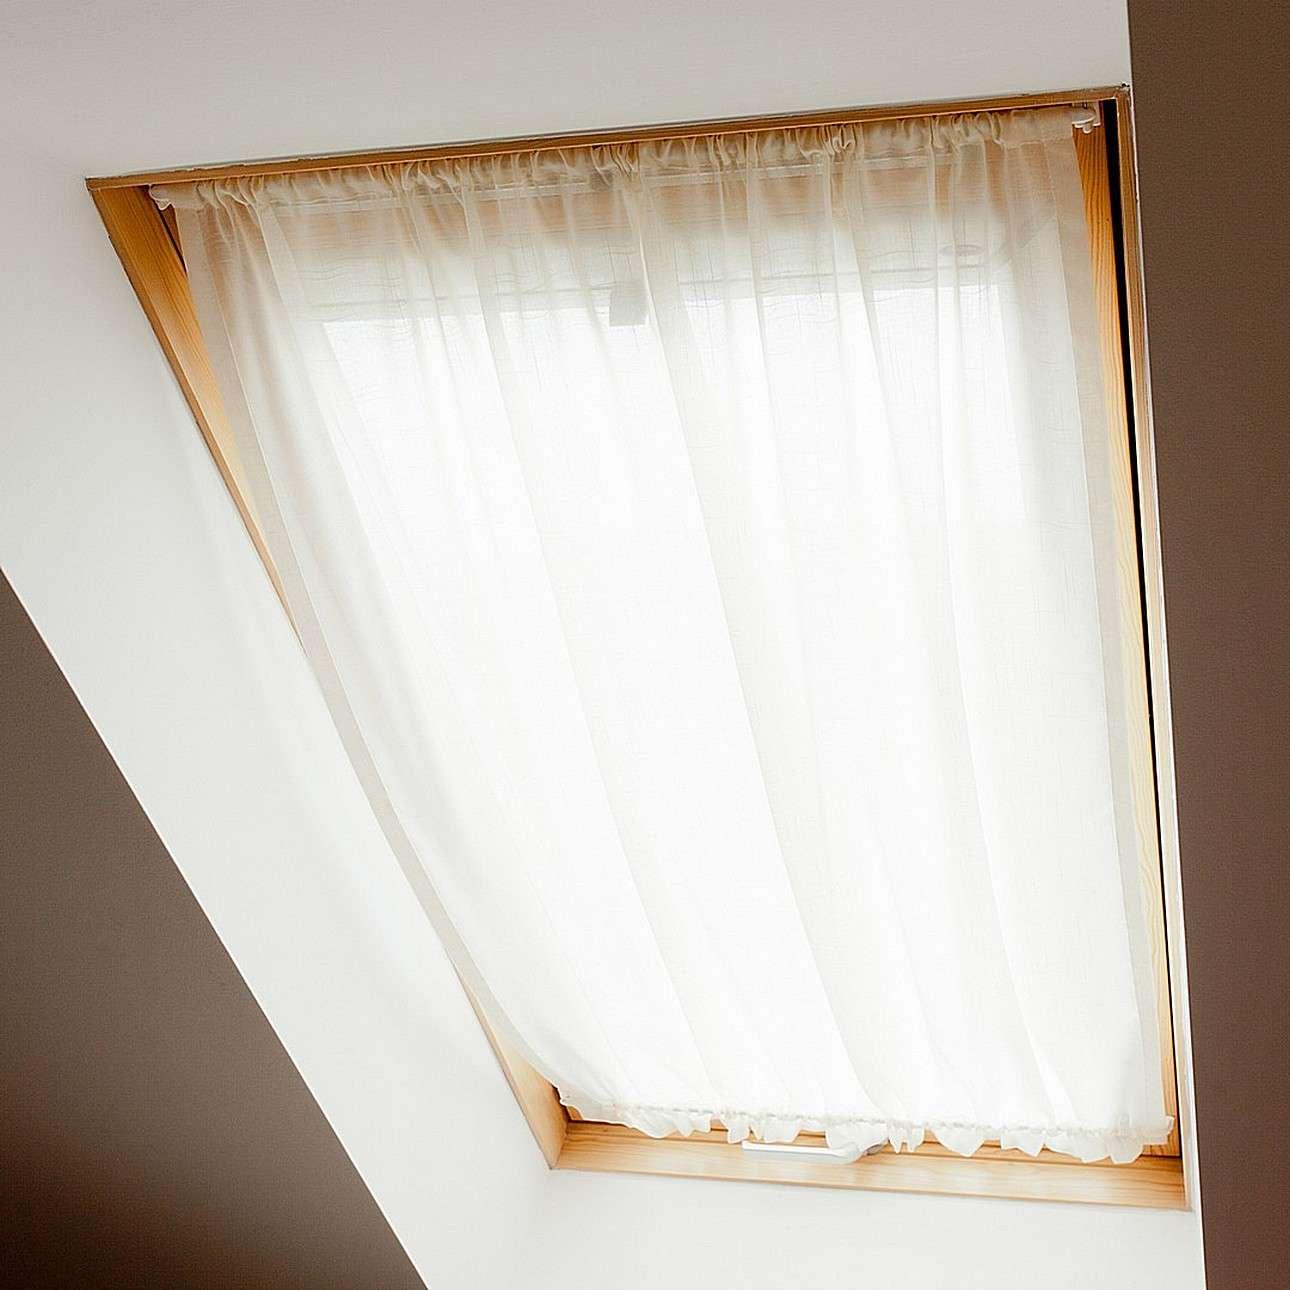 Függöny tetőtéri ablakra, átlátszó fehér, anyagában mintás ...